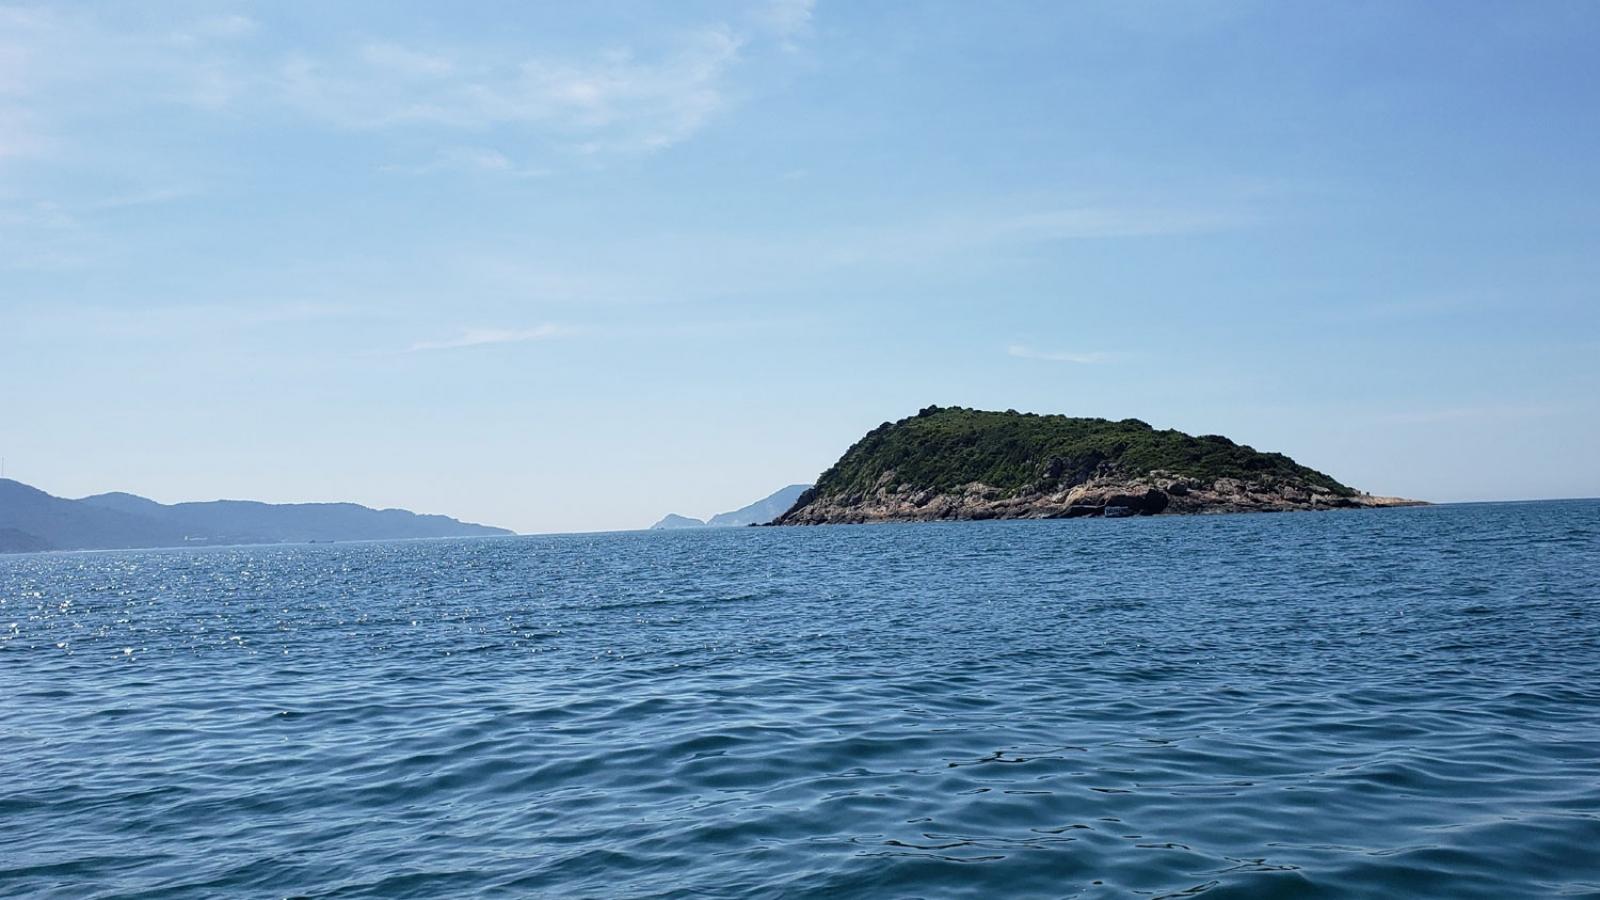 Huy động 20 tàu cá tìm kiếm ngư dân mất tích trên biển Cù Lao Chàm